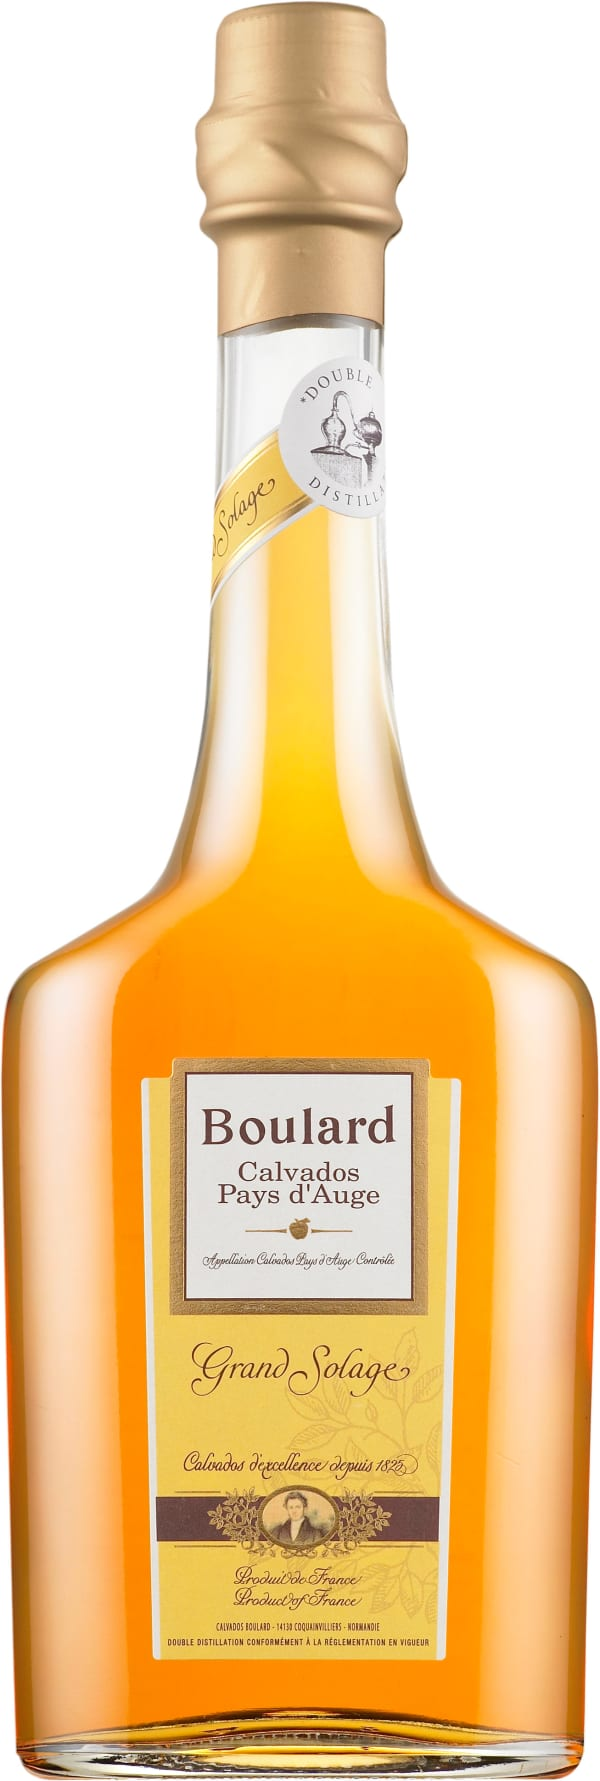 Boulard Grand Solage Calvados